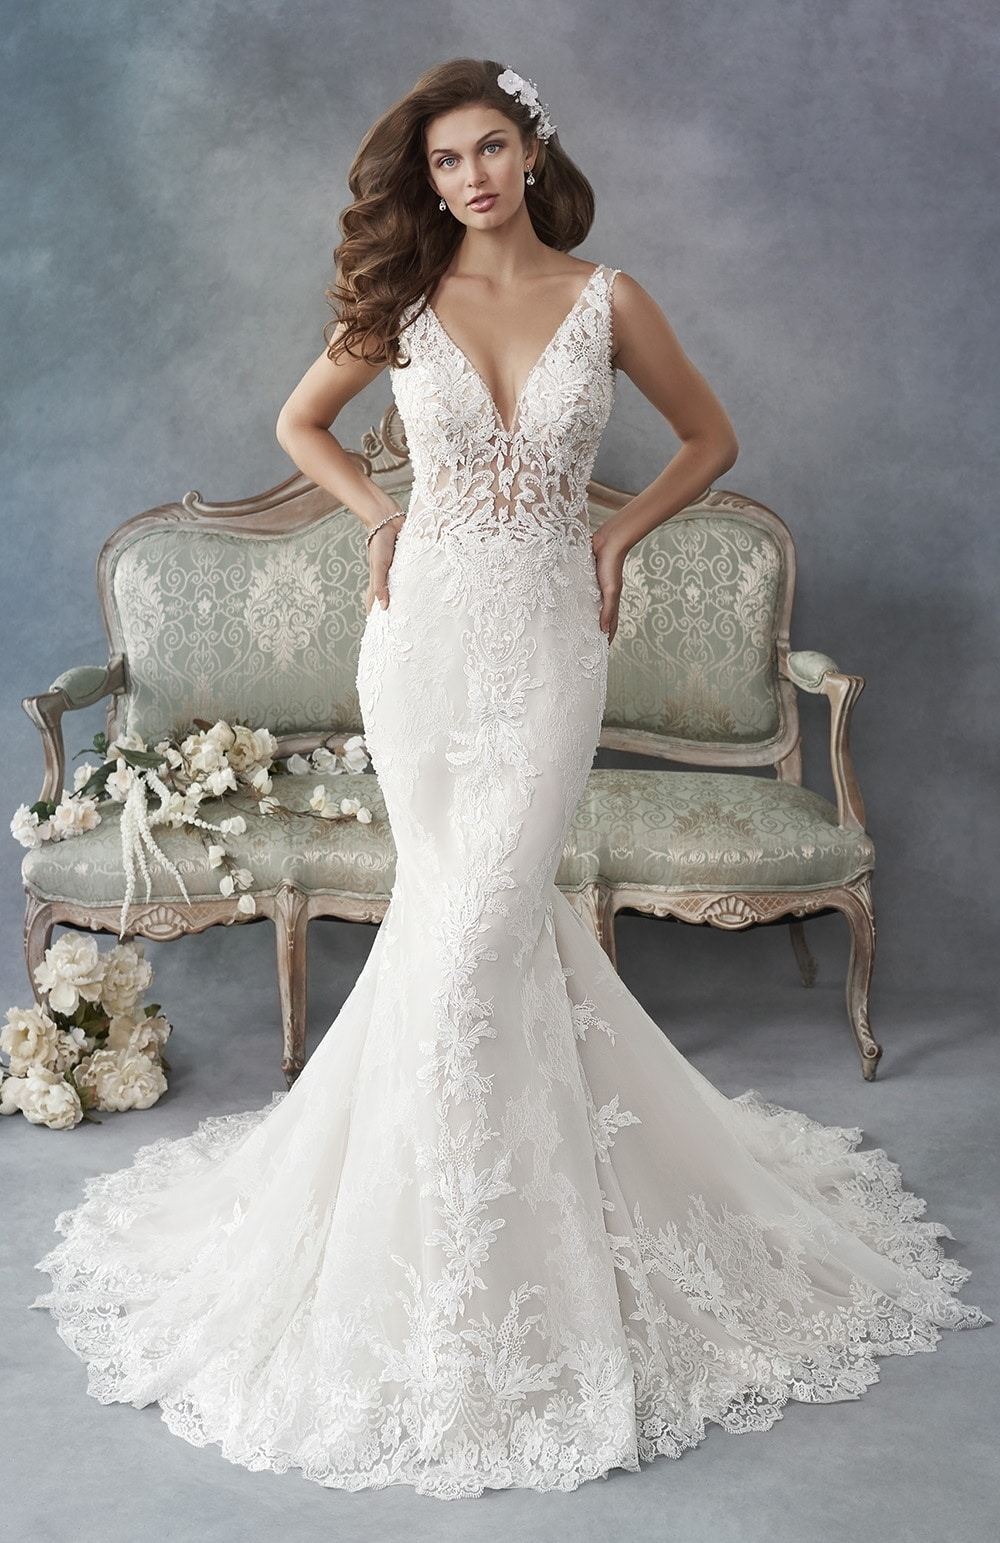 e54aff62b64 Robe de mariée en promotion. Découvrez notre sélection de robes de mariée  jusqu à ...